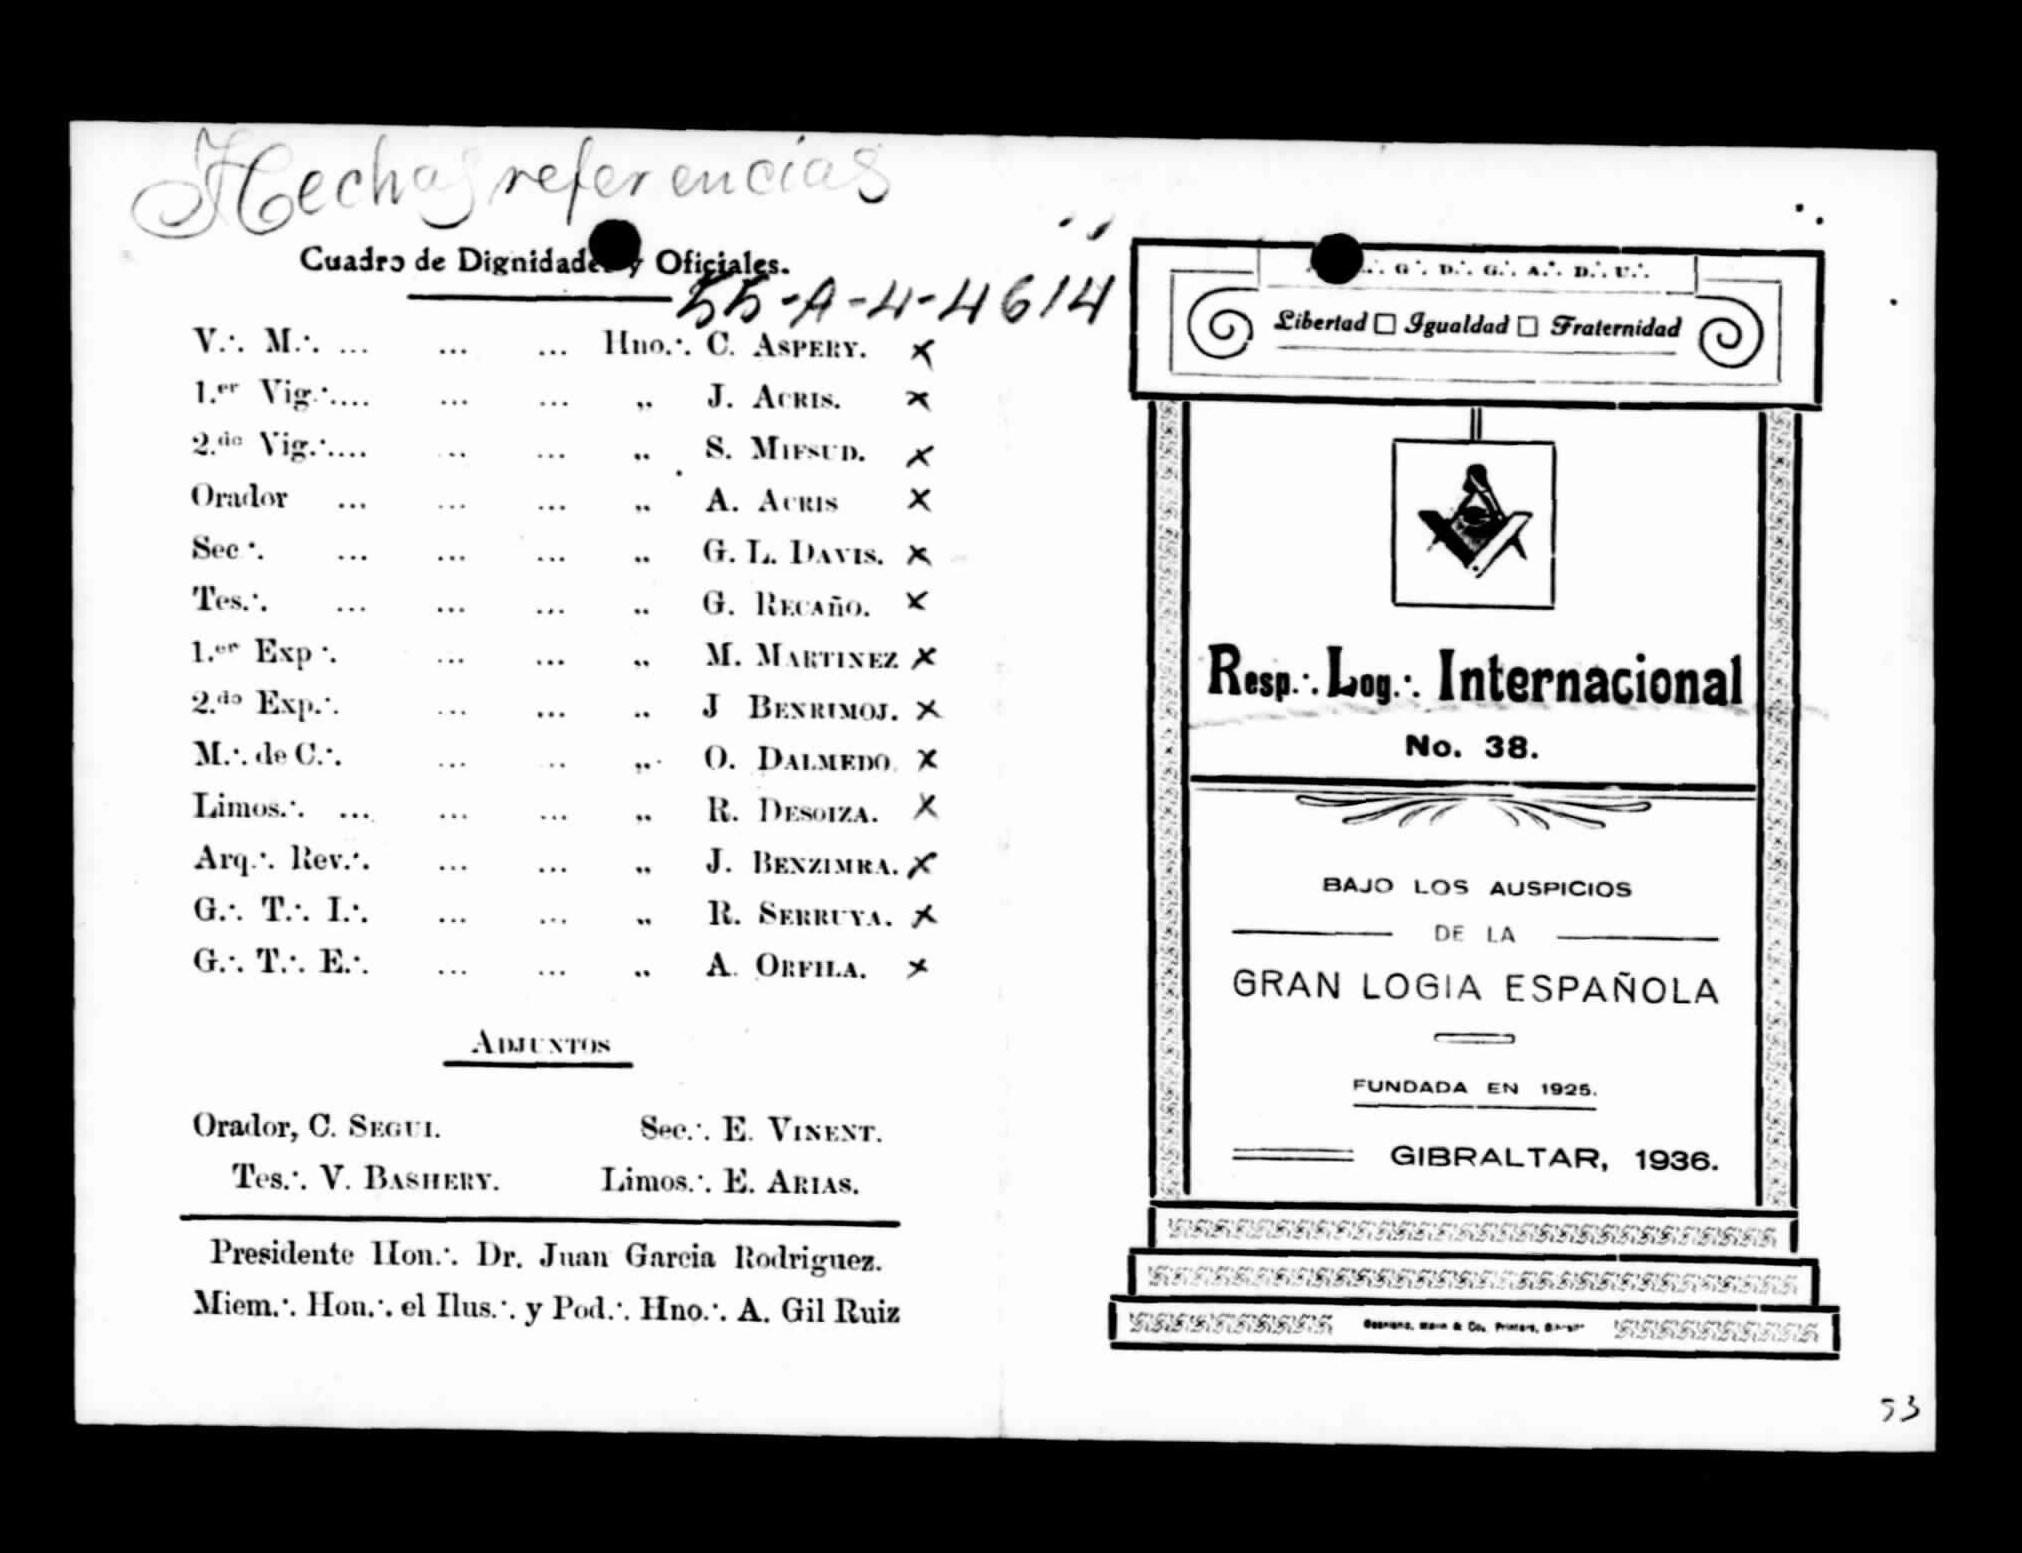 Documento relativo a la Gran Logia Española en Gibraltar, 1936, perteneciente al Centro Documental de la Memoria Histórica (Salamanca